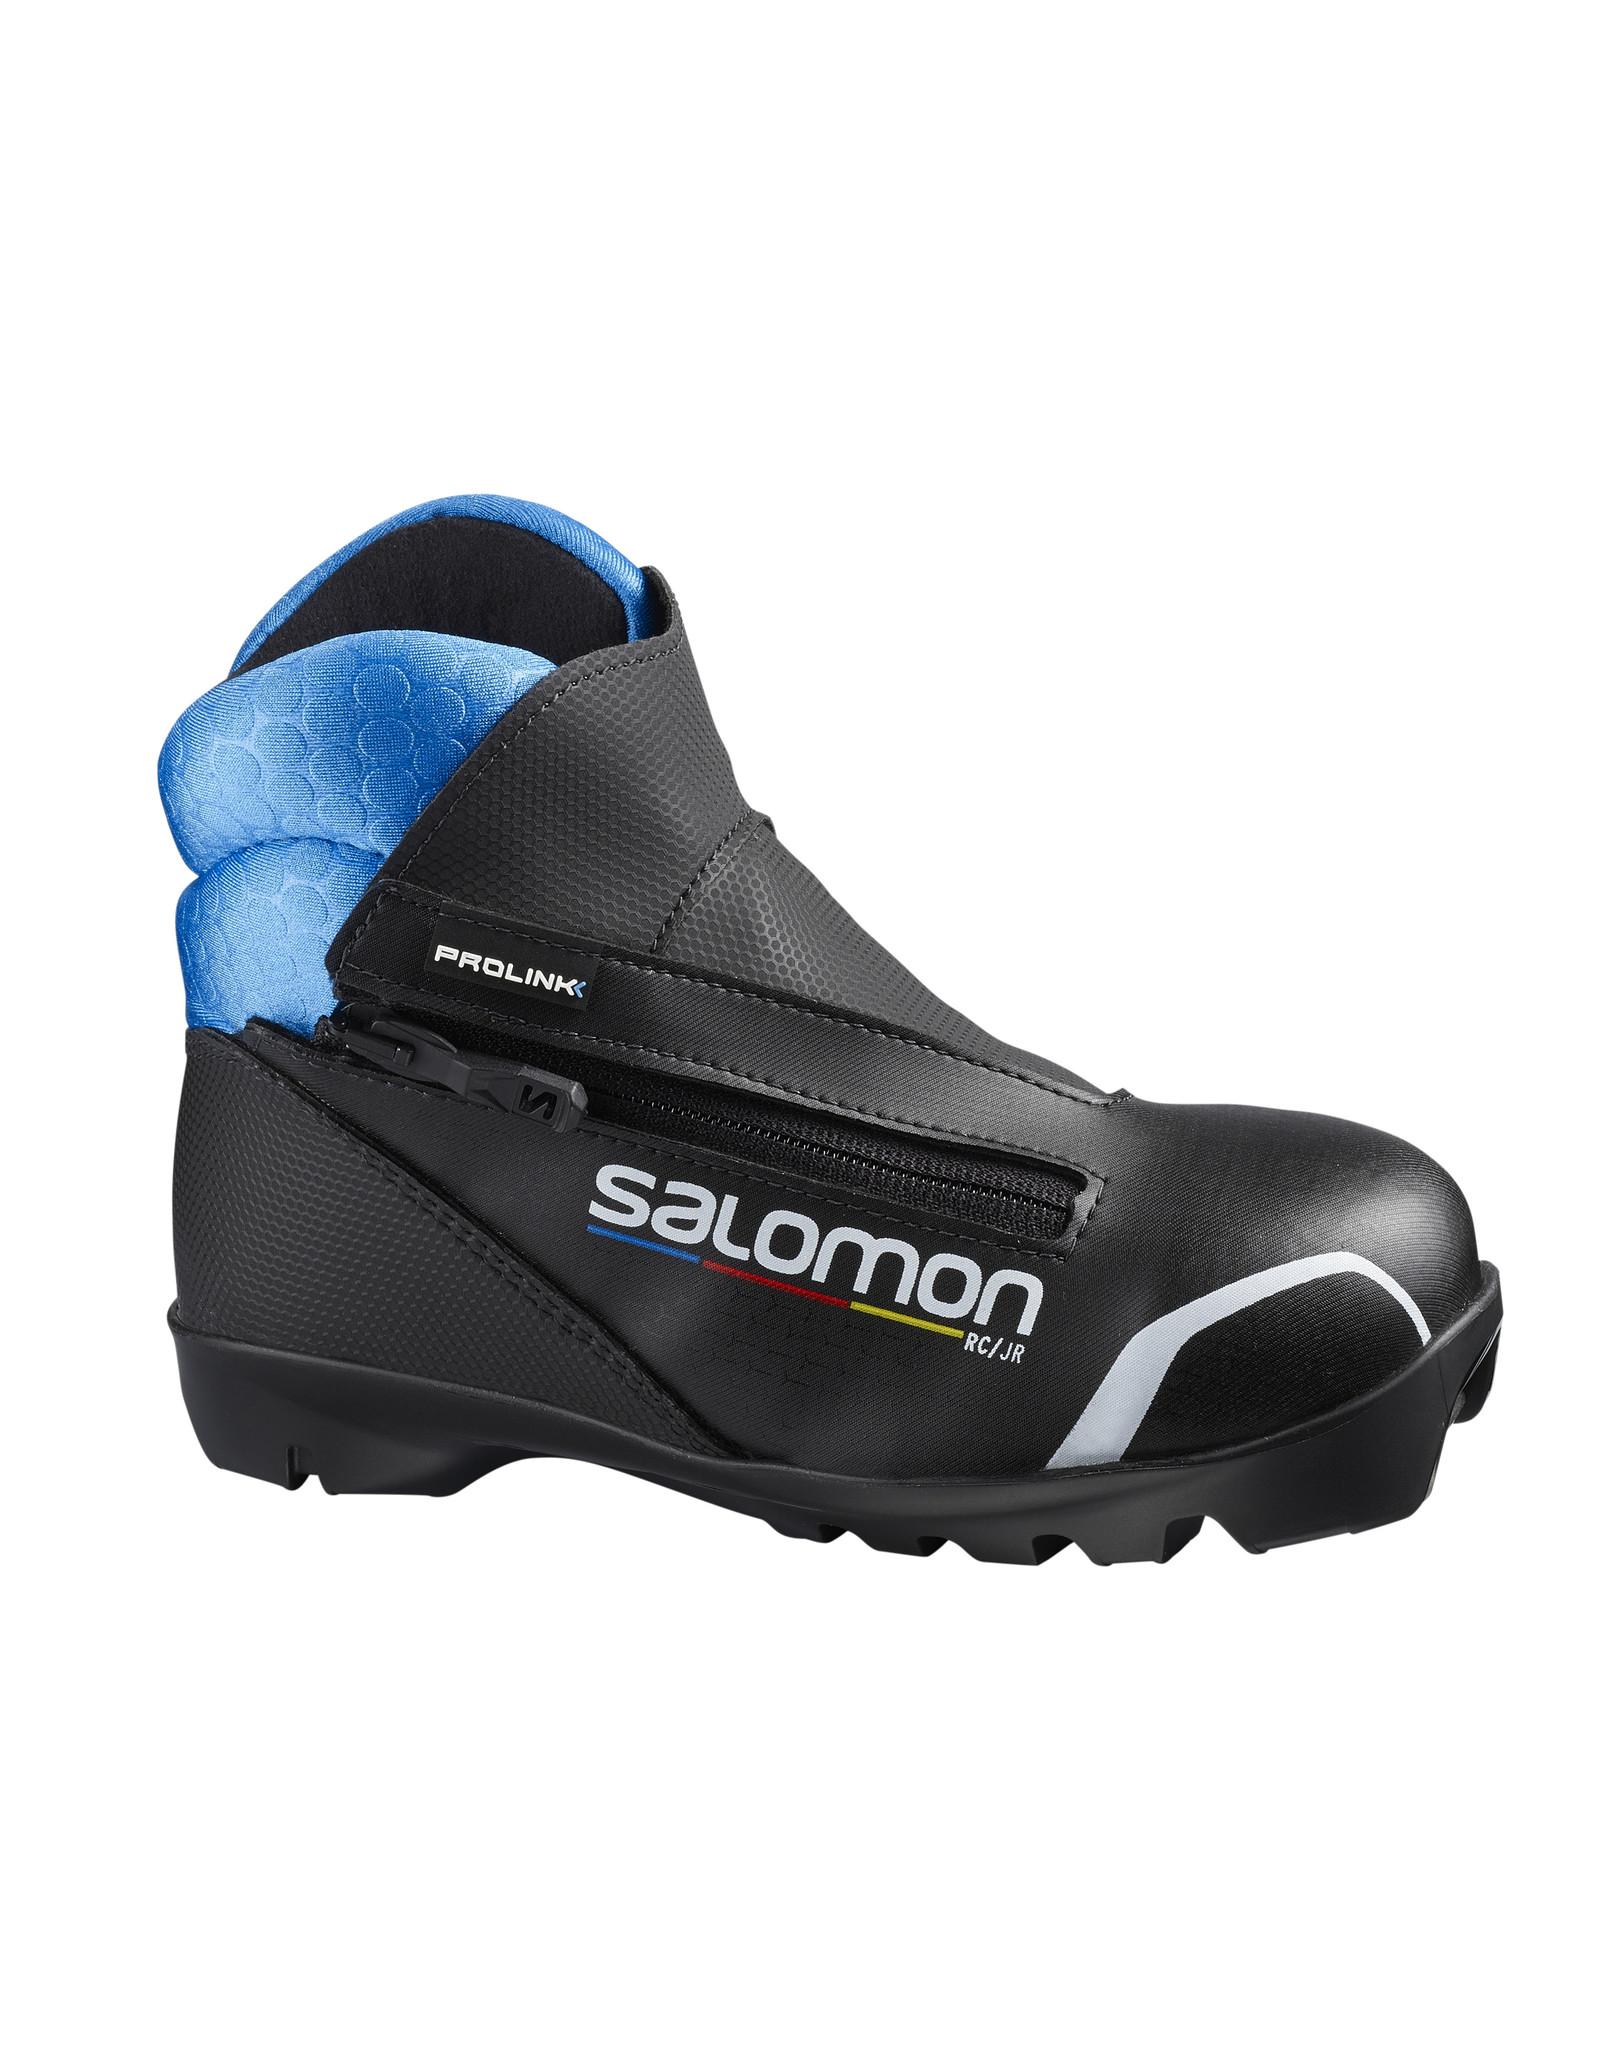 Salomon RC Carbon Prolink Jr